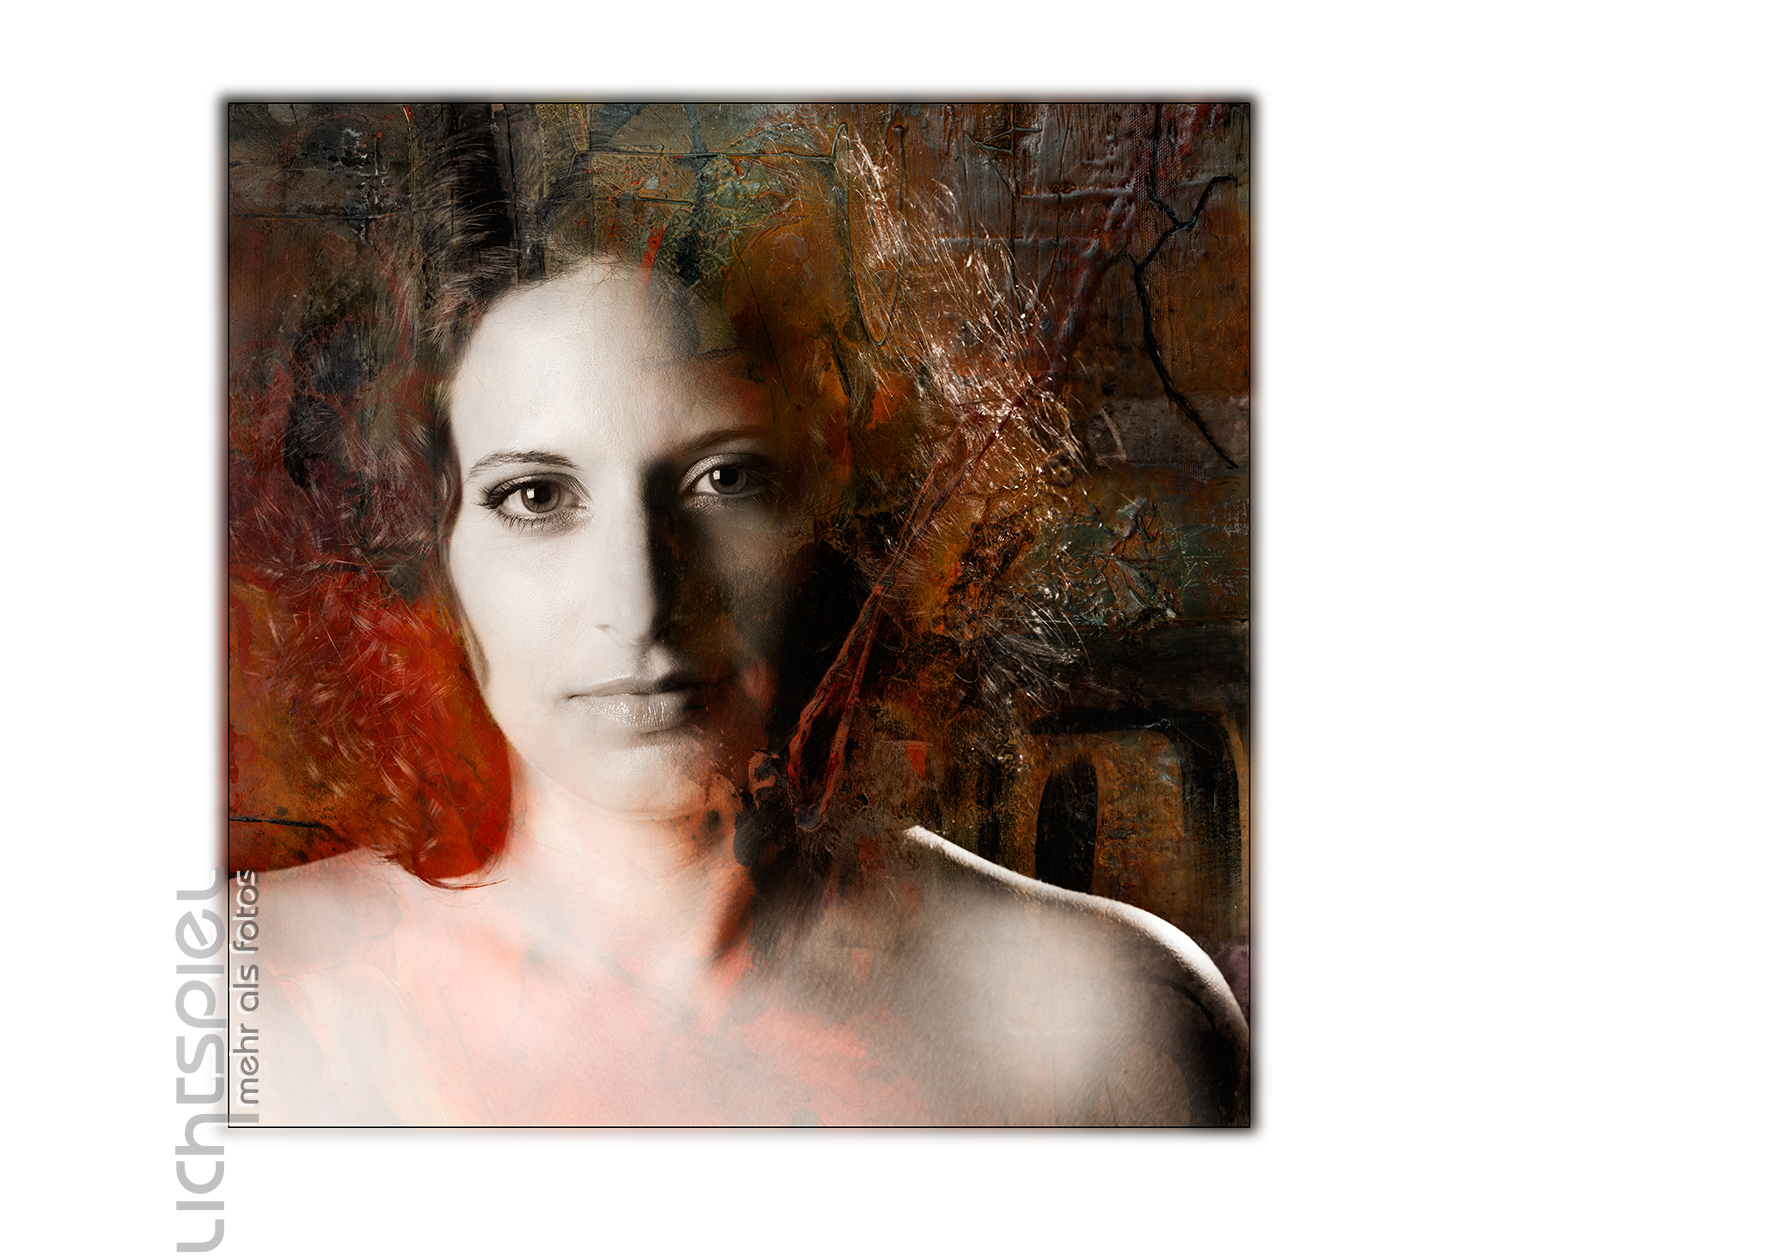 portrait foto aus anderen bildern